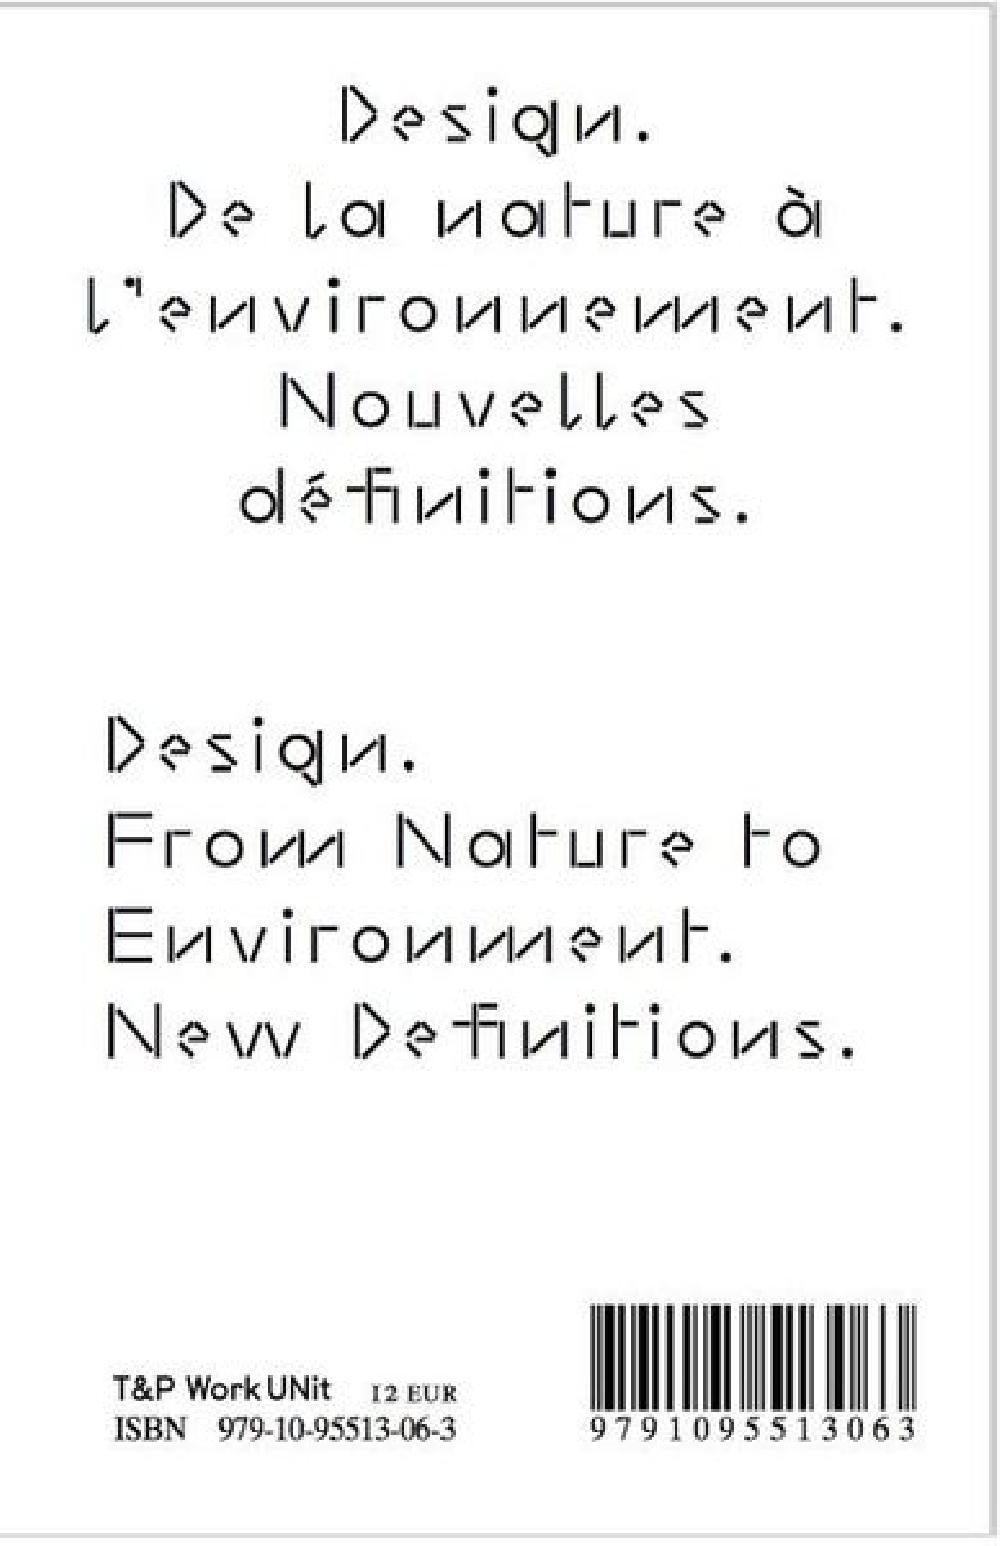 De la nature à l'environement nouvelles définitions